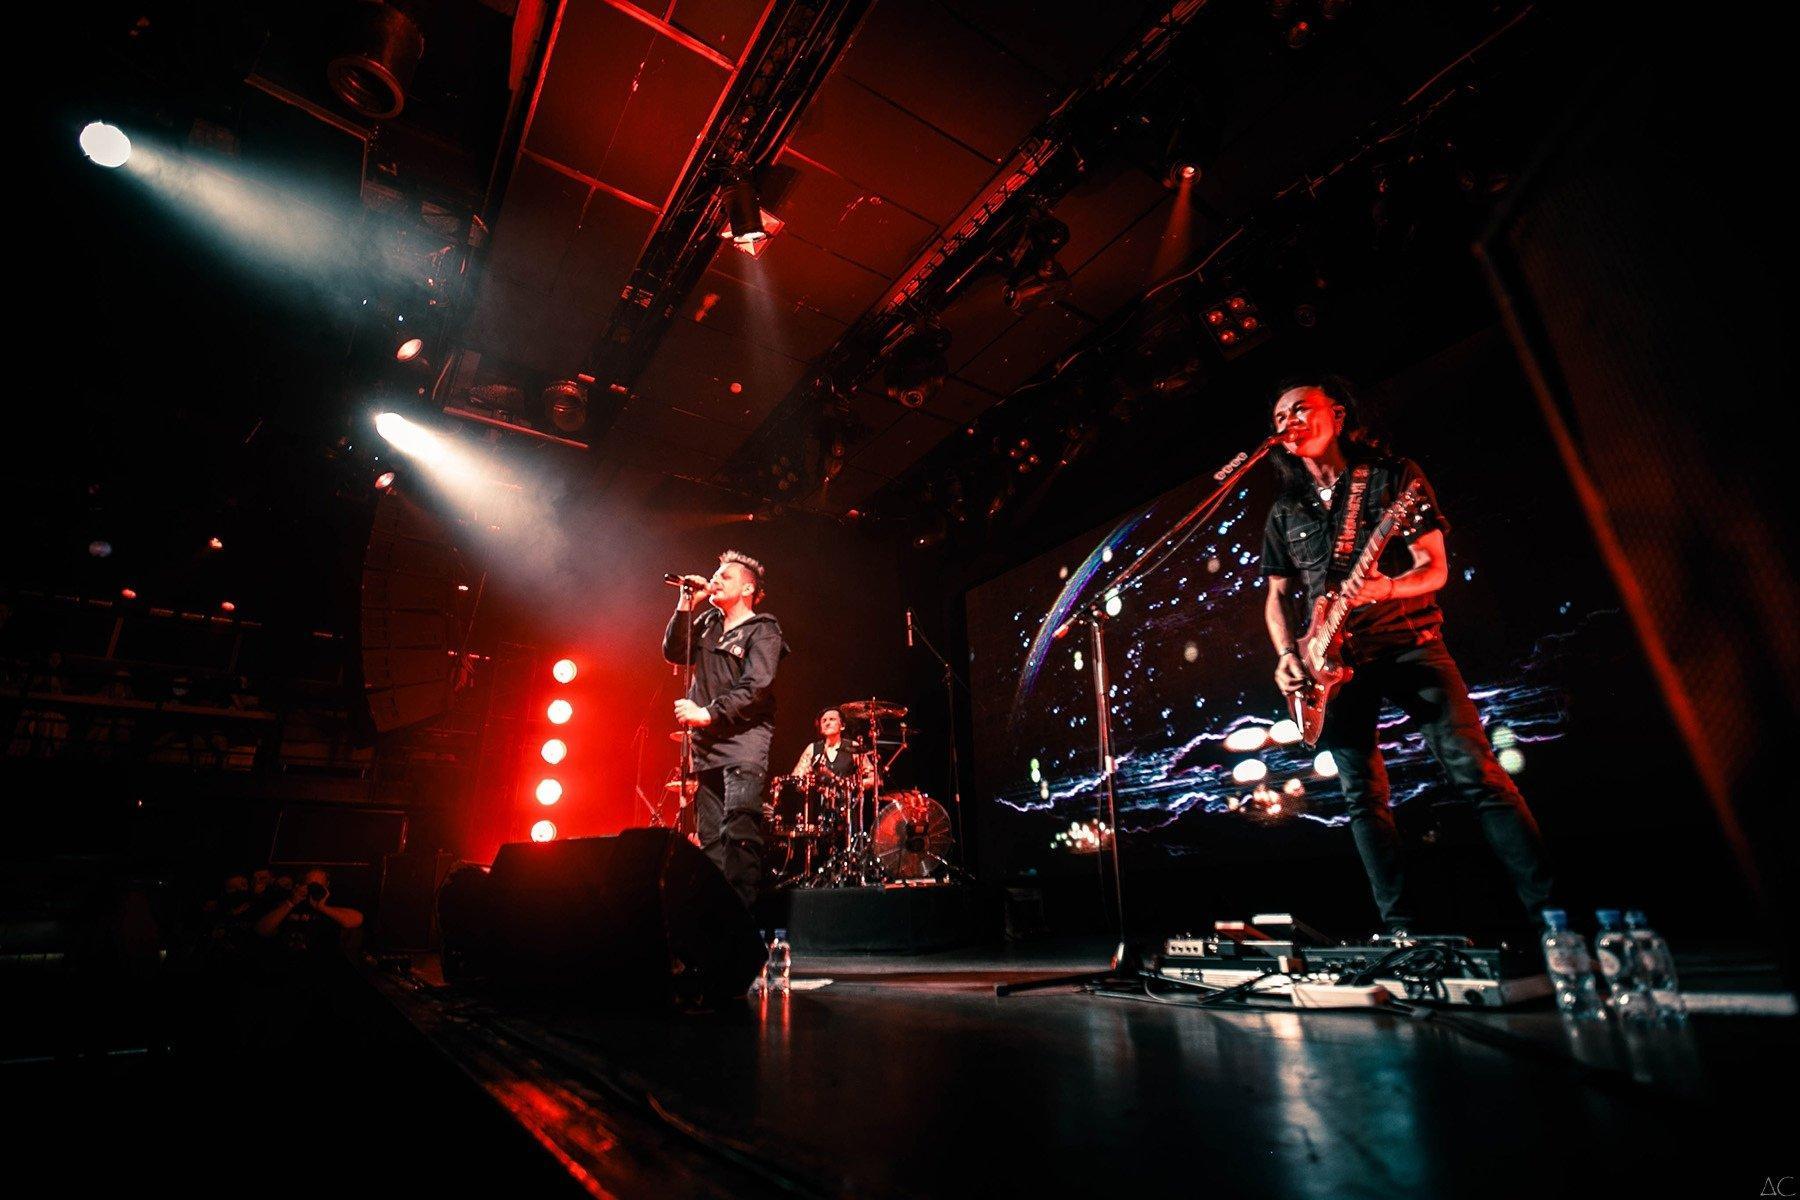 Фото «Я не заставлял себя притворяться кем-то»: фронтмен «Агаты Кристи» рассказал о новом концерте 4